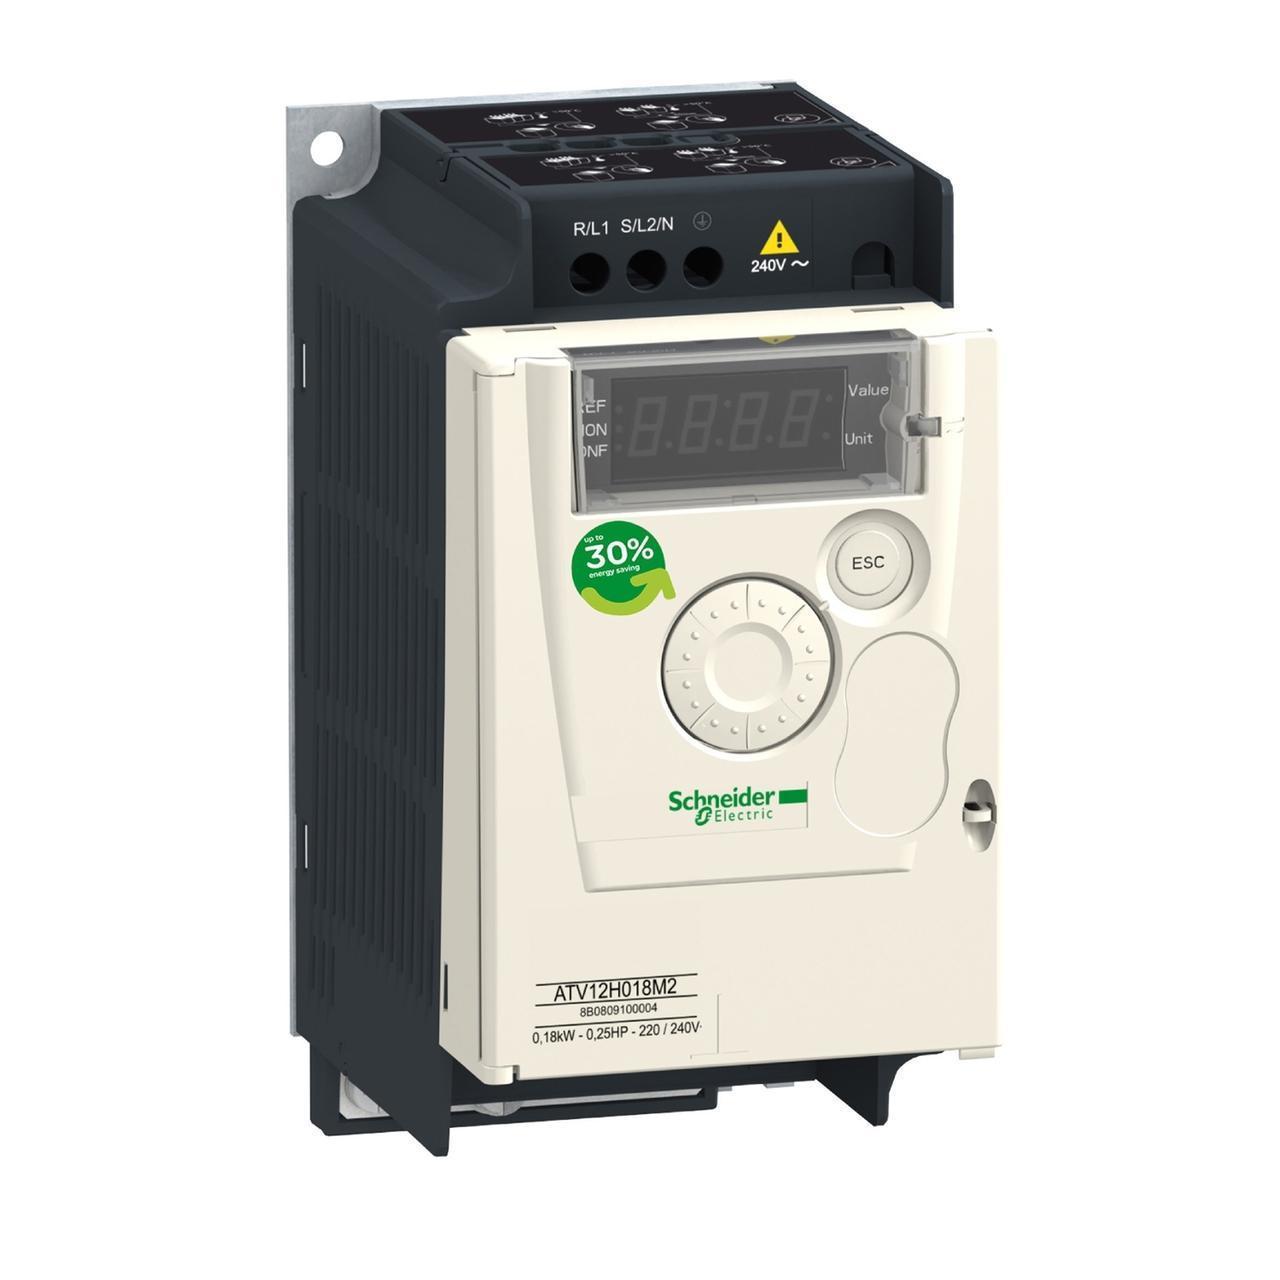 Перетворювач частоти ATV320U15N4C 1.5кВт 380В 50/60Гц, 3ф, компактний